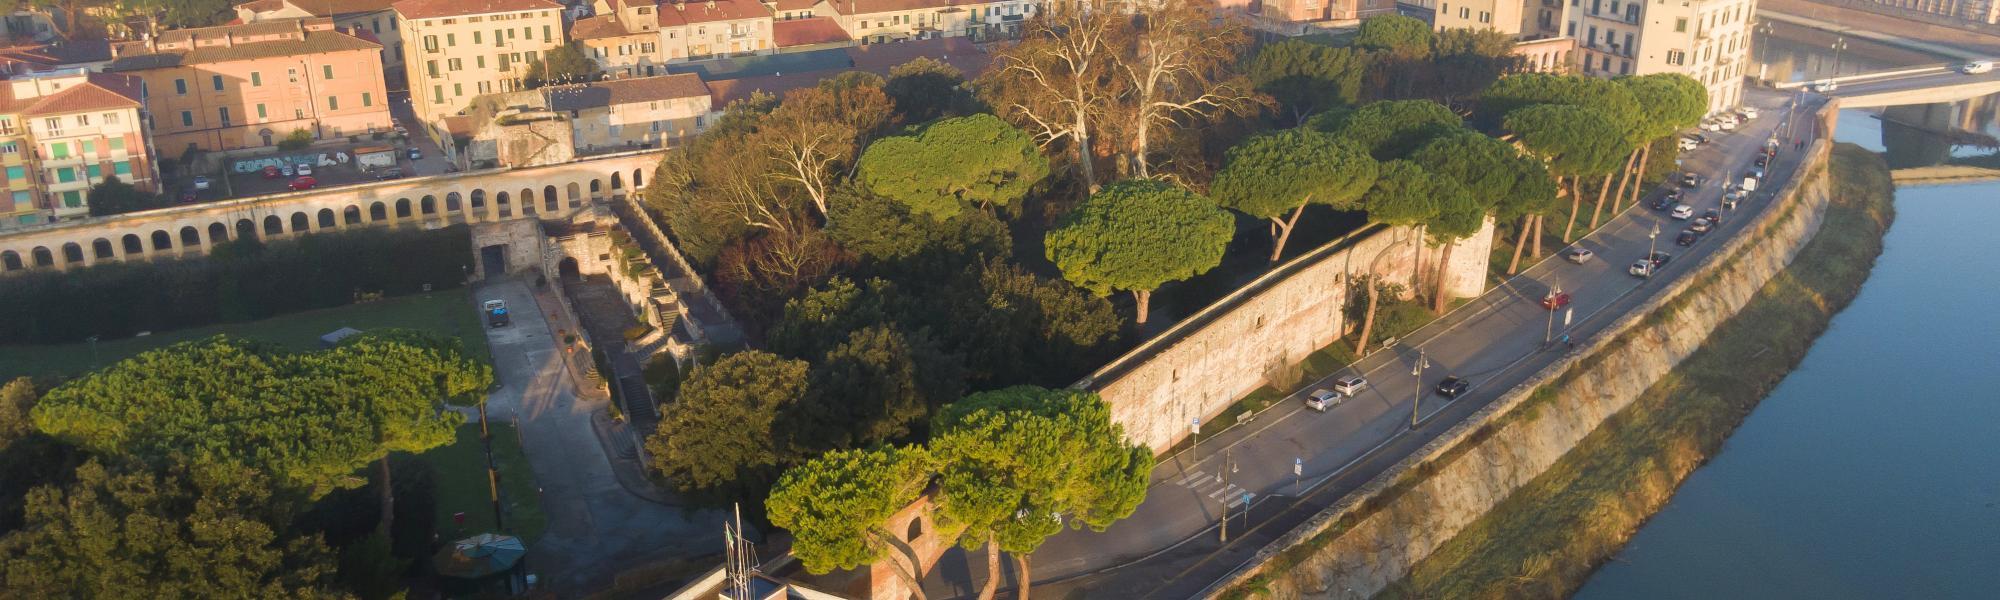 Veduta aerea Giardino Scotto_ foto con drone (F. Muzzi)